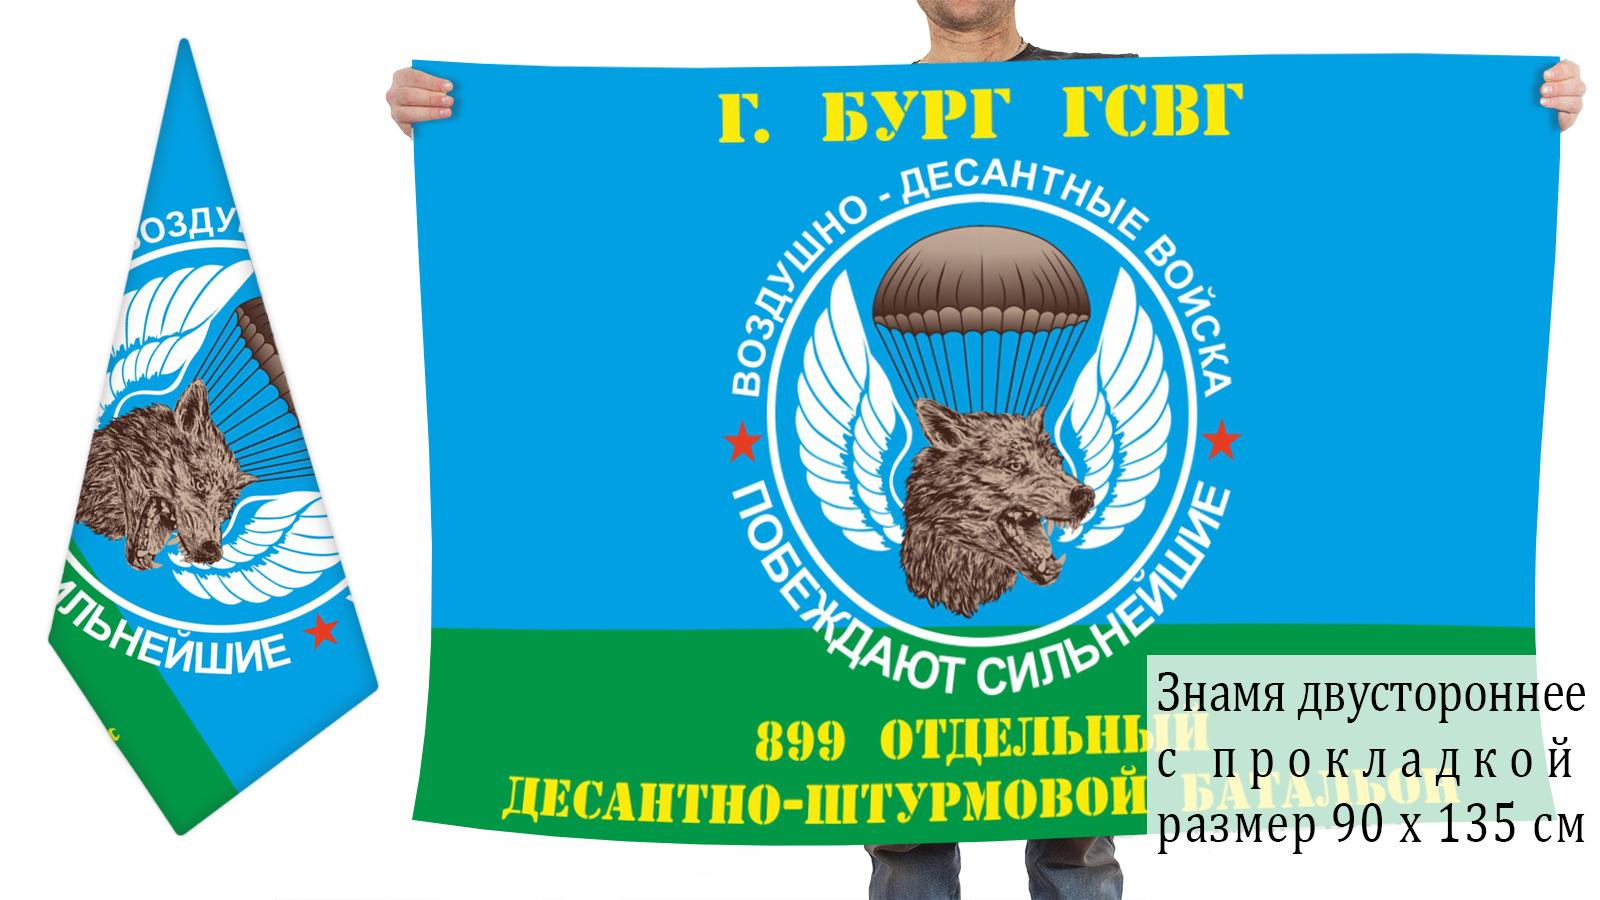 Двусторонний флаг 899 ОДШБ ВДВ из Группы Советских войск в Германии